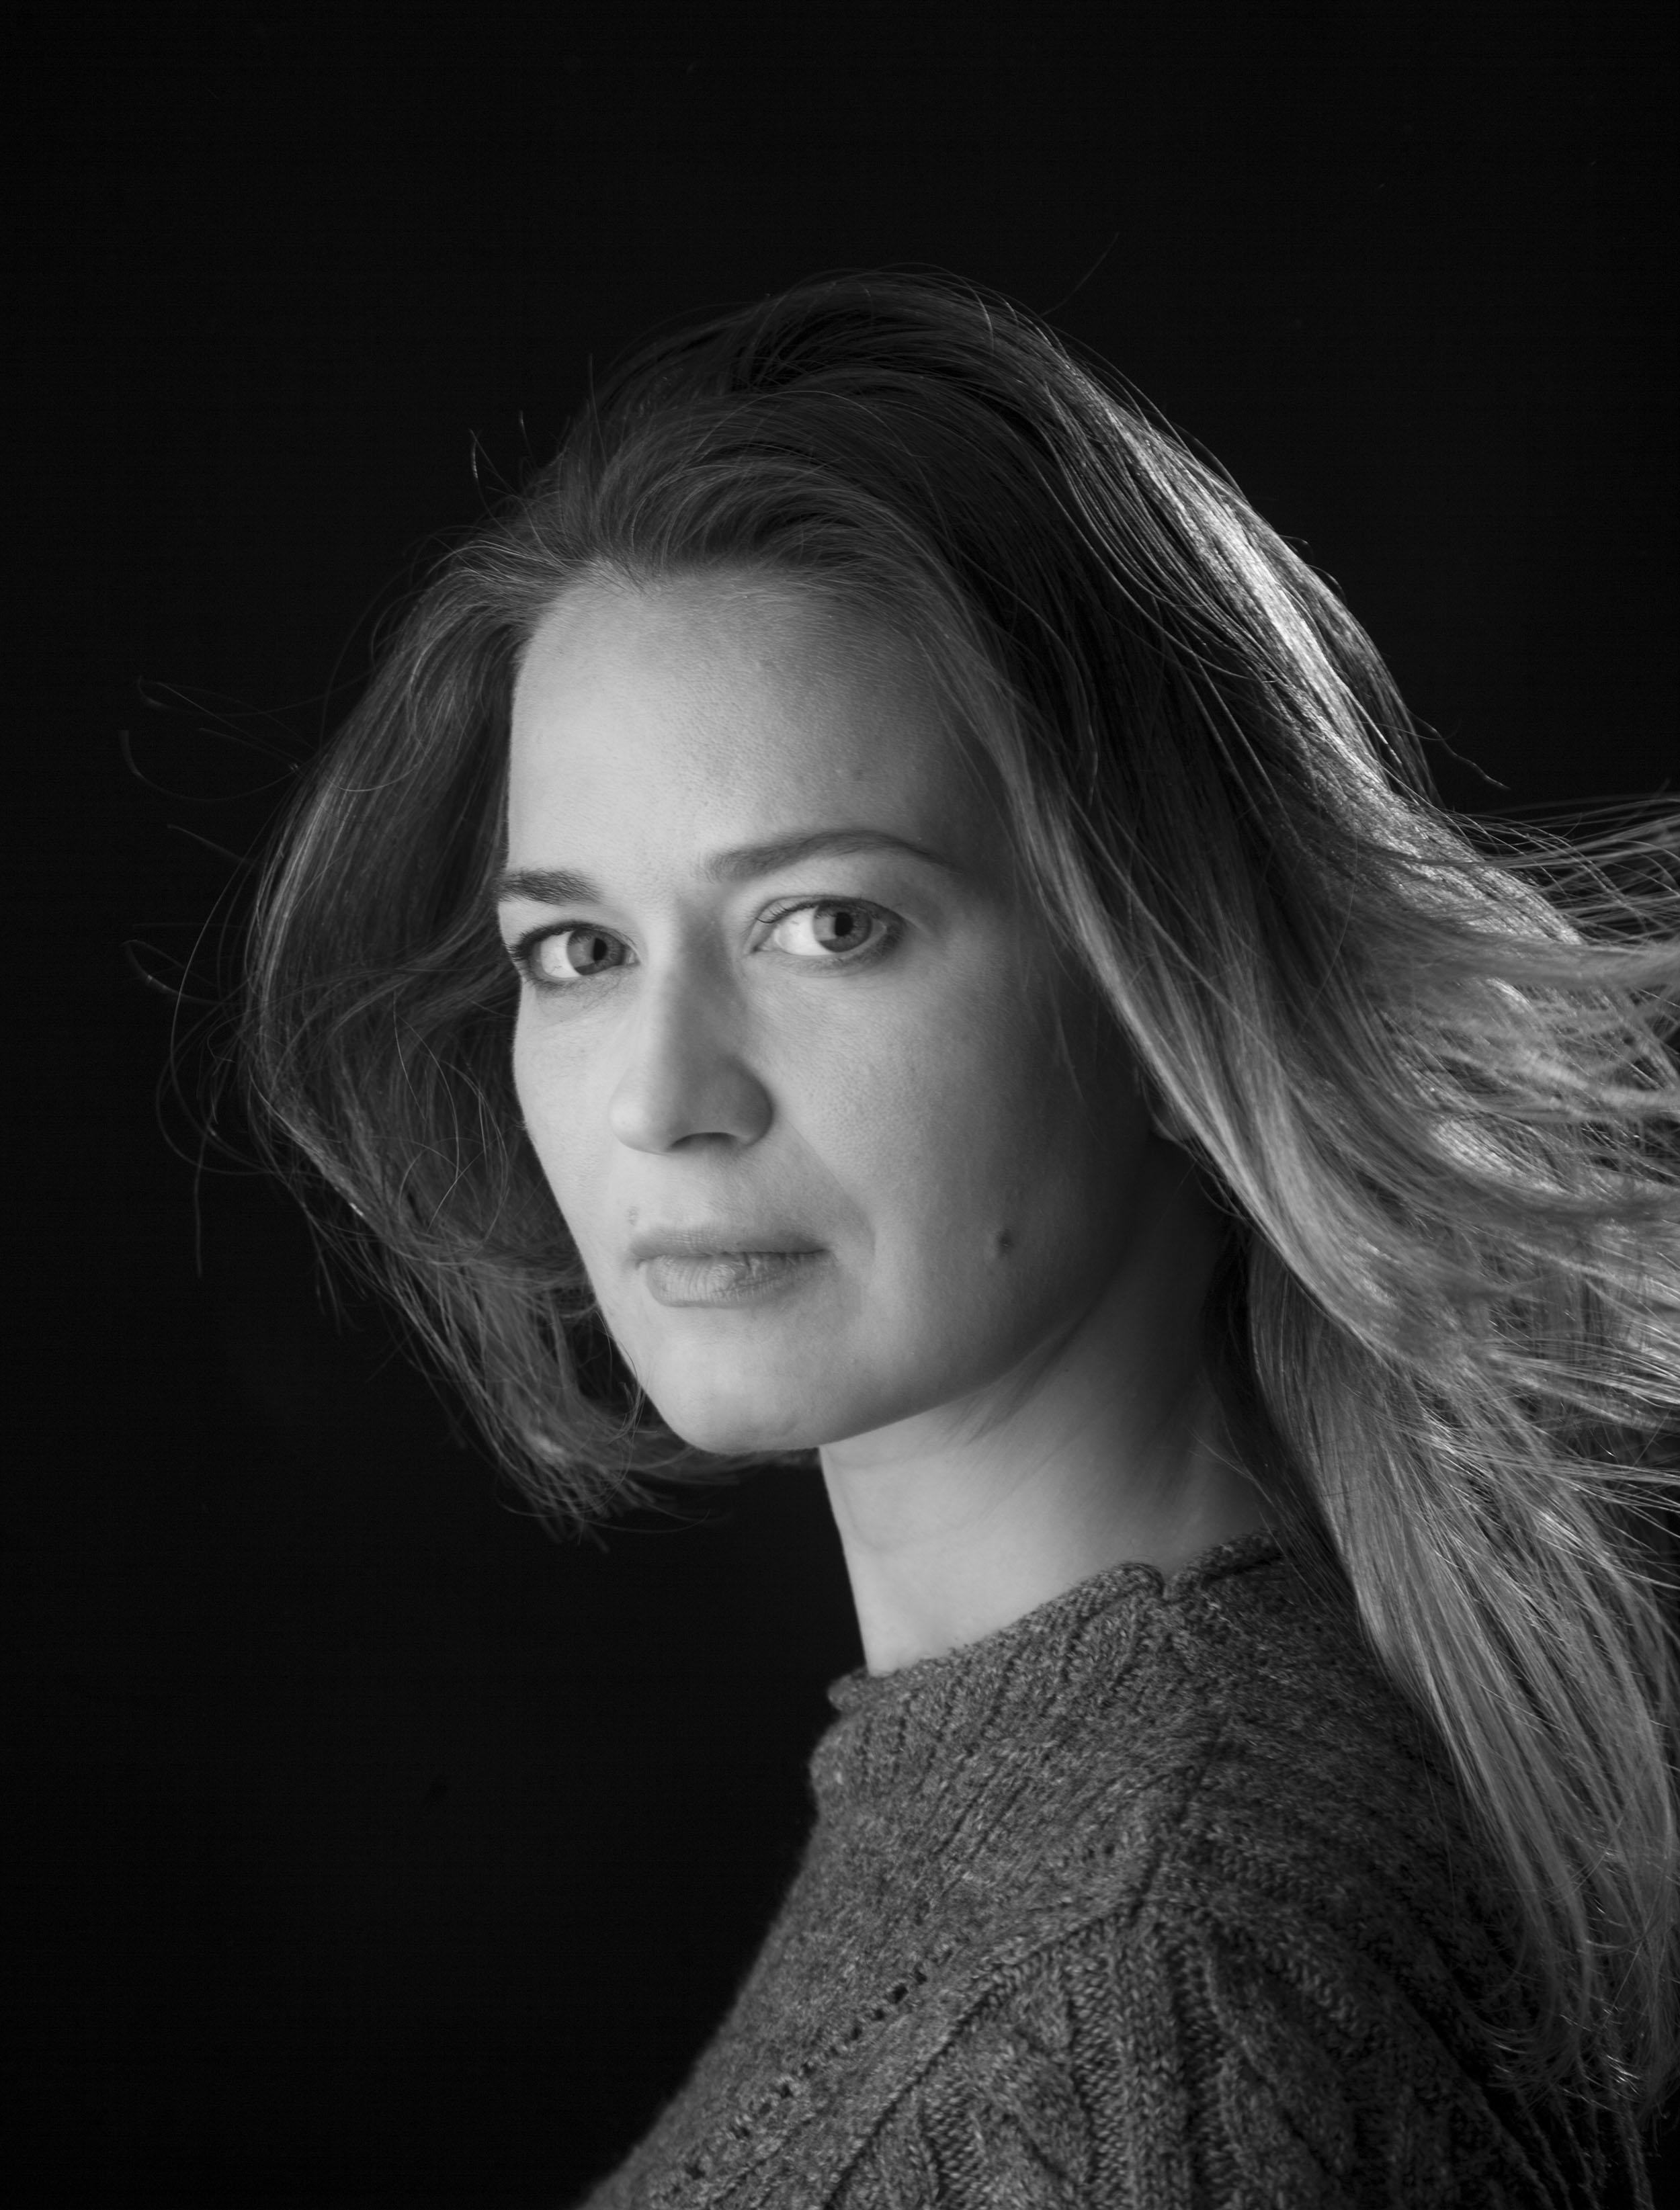 anna_kozlova